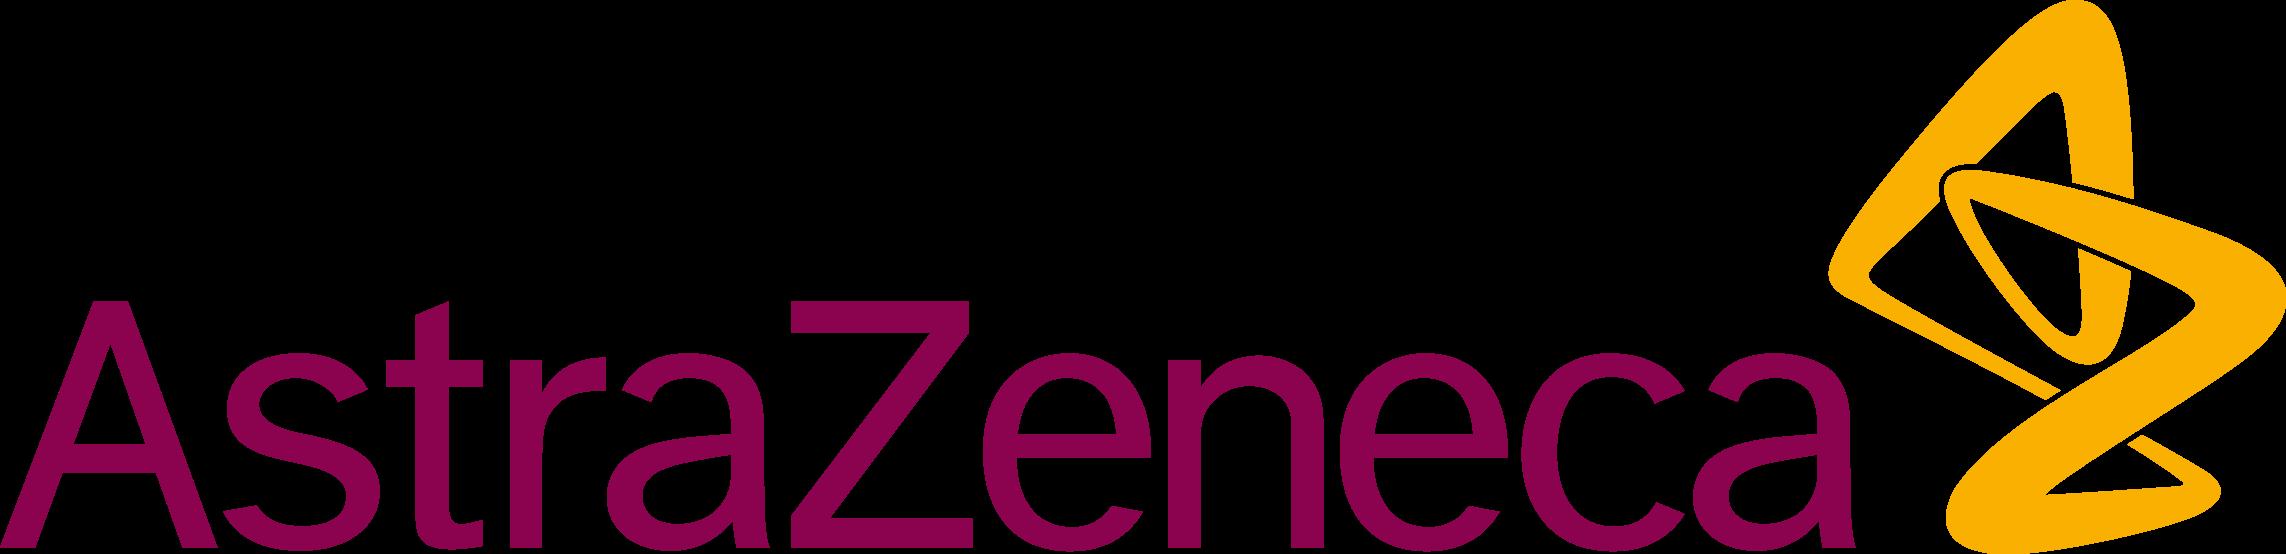 astra_zeneca_logo. AstraZeneca PlusPng.com  - Astrazeneca Vector PNG